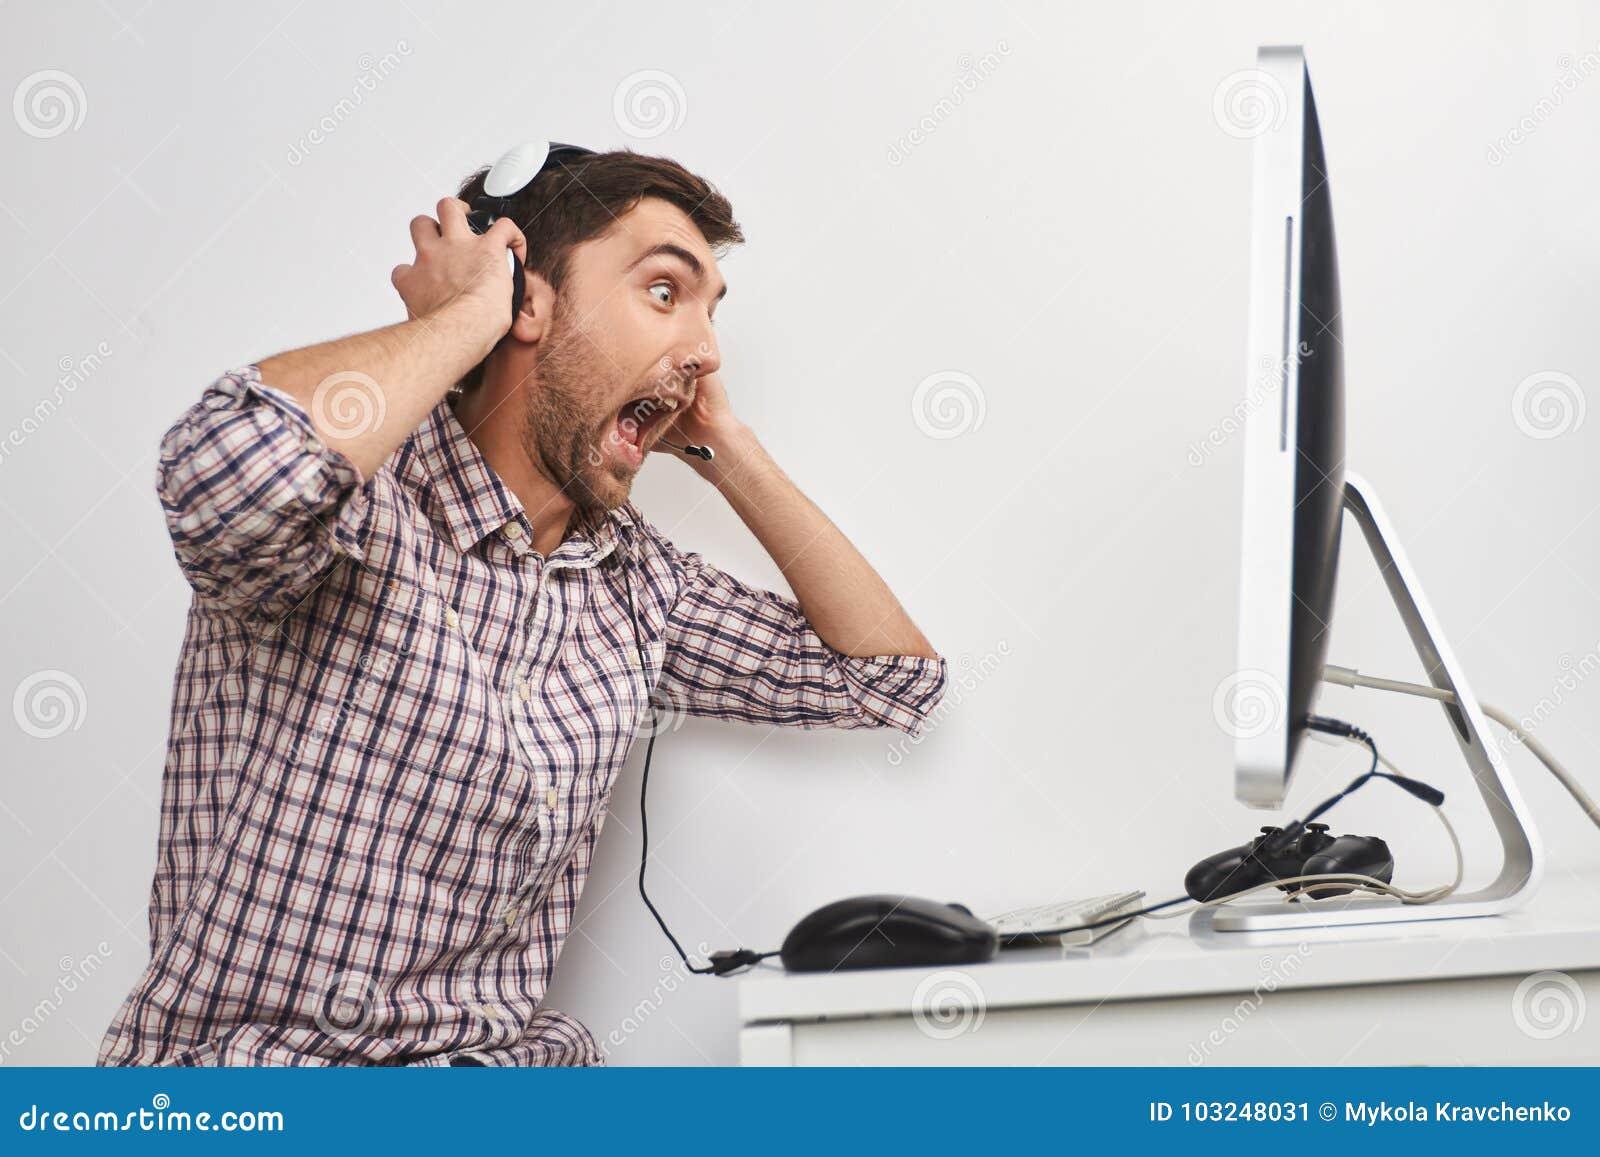 Портрет молодого смешного бородатого мужского gamer в checkered рубашке играя игры на персональном компьютере, нося наушники